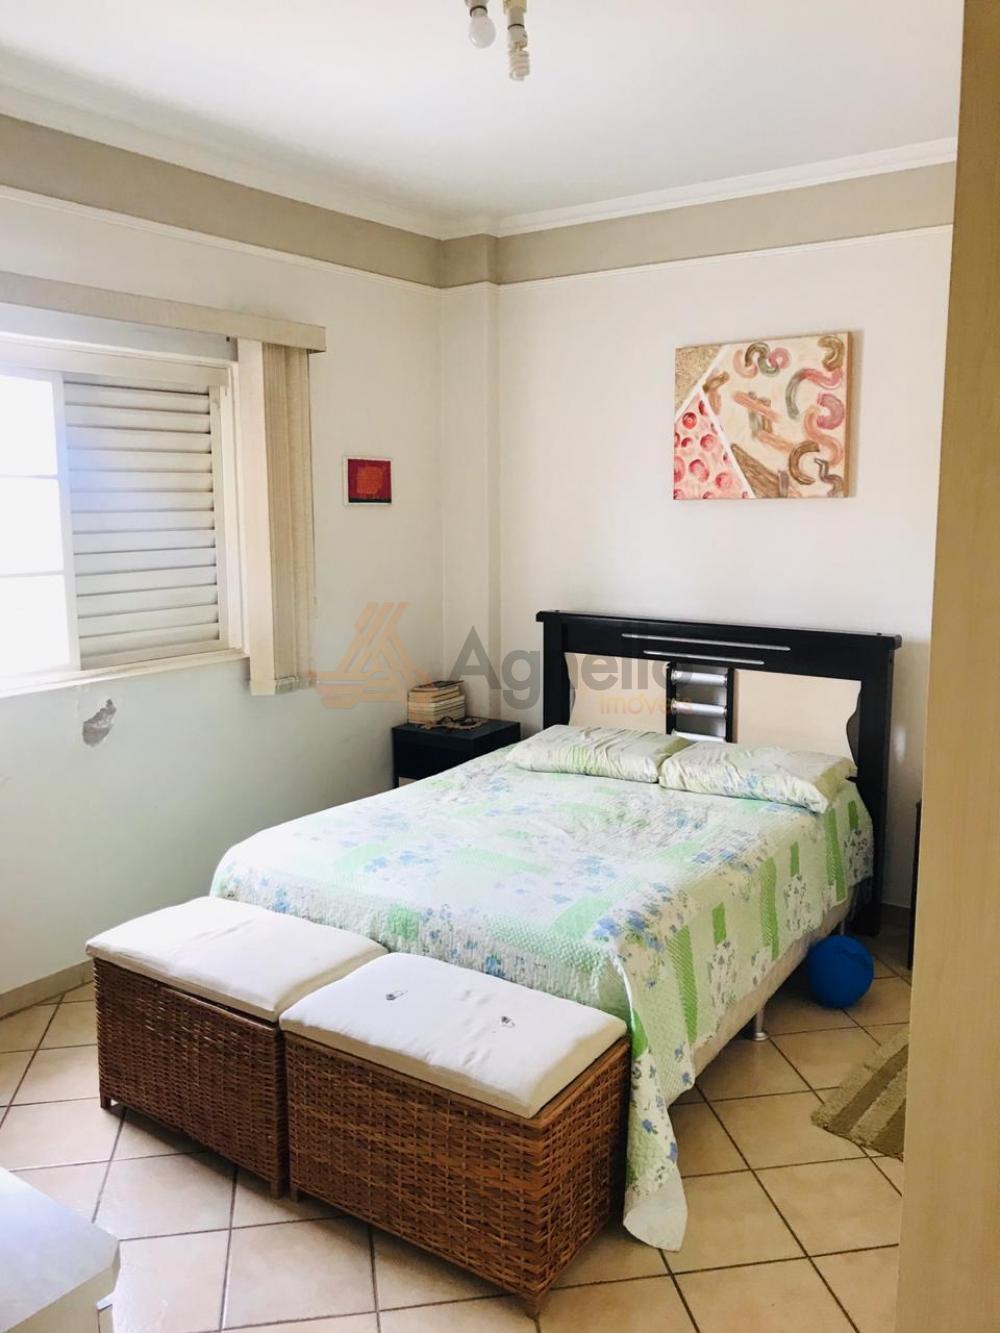 Comprar Apartamento / Padrão em Franca apenas R$ 210.000,00 - Foto 3